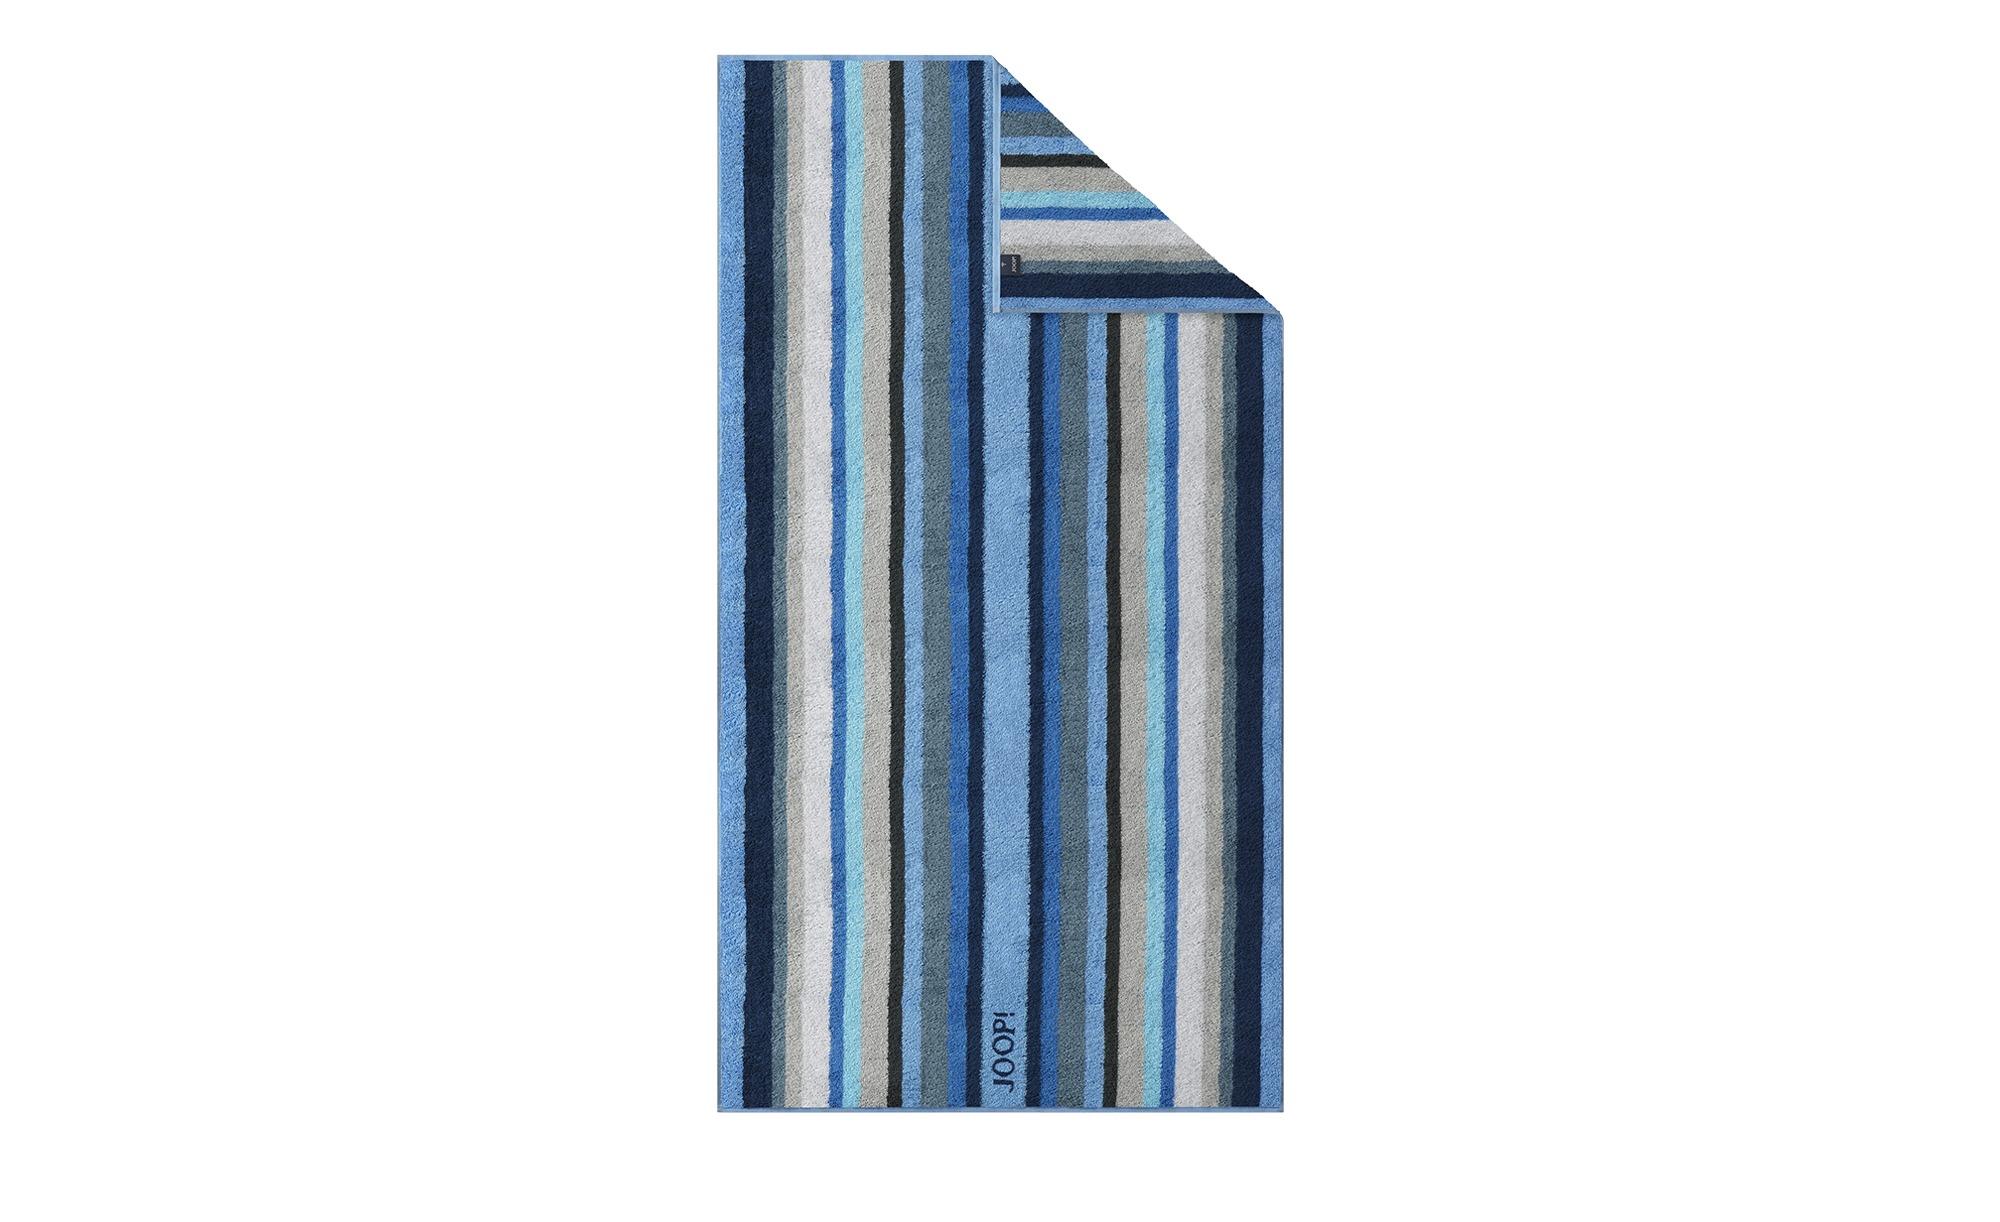 JOOP! Duschtuch  JOOP 1664 Stripes ¦ blau ¦ 100% Baumwolle  ¦ Maße (cm): B: 80 Badtextilien und Zubehör > Handtücher & Badetücher > Duschtücher - Höffner